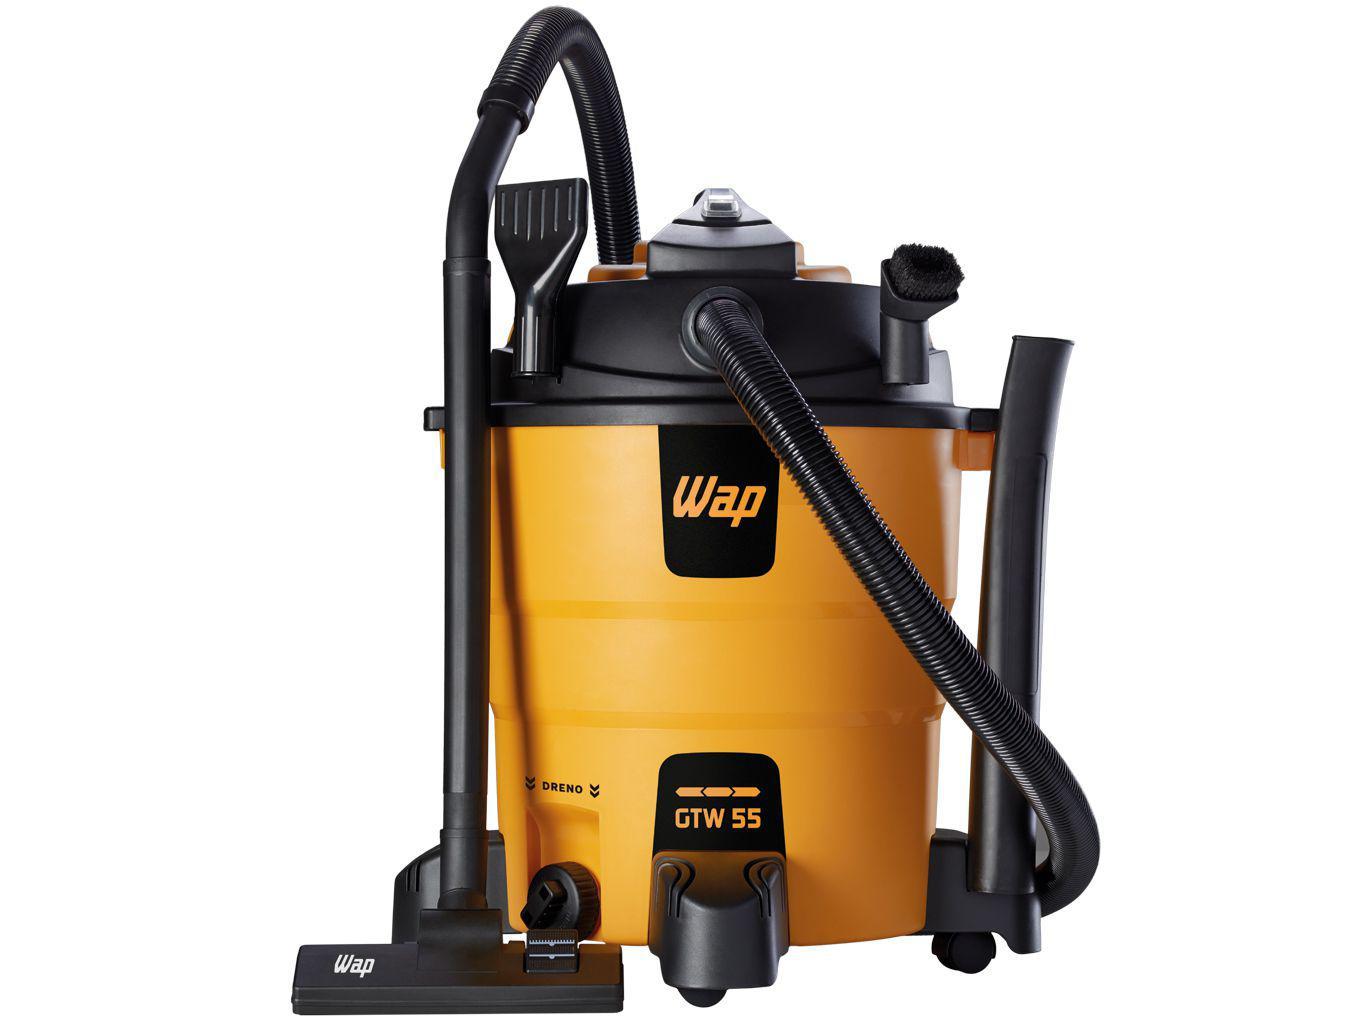 Aspirador de Pó e Água Profissional Wap - Filtro HEPA 1600W GTW 55 FW005734 Preto e Amarelo